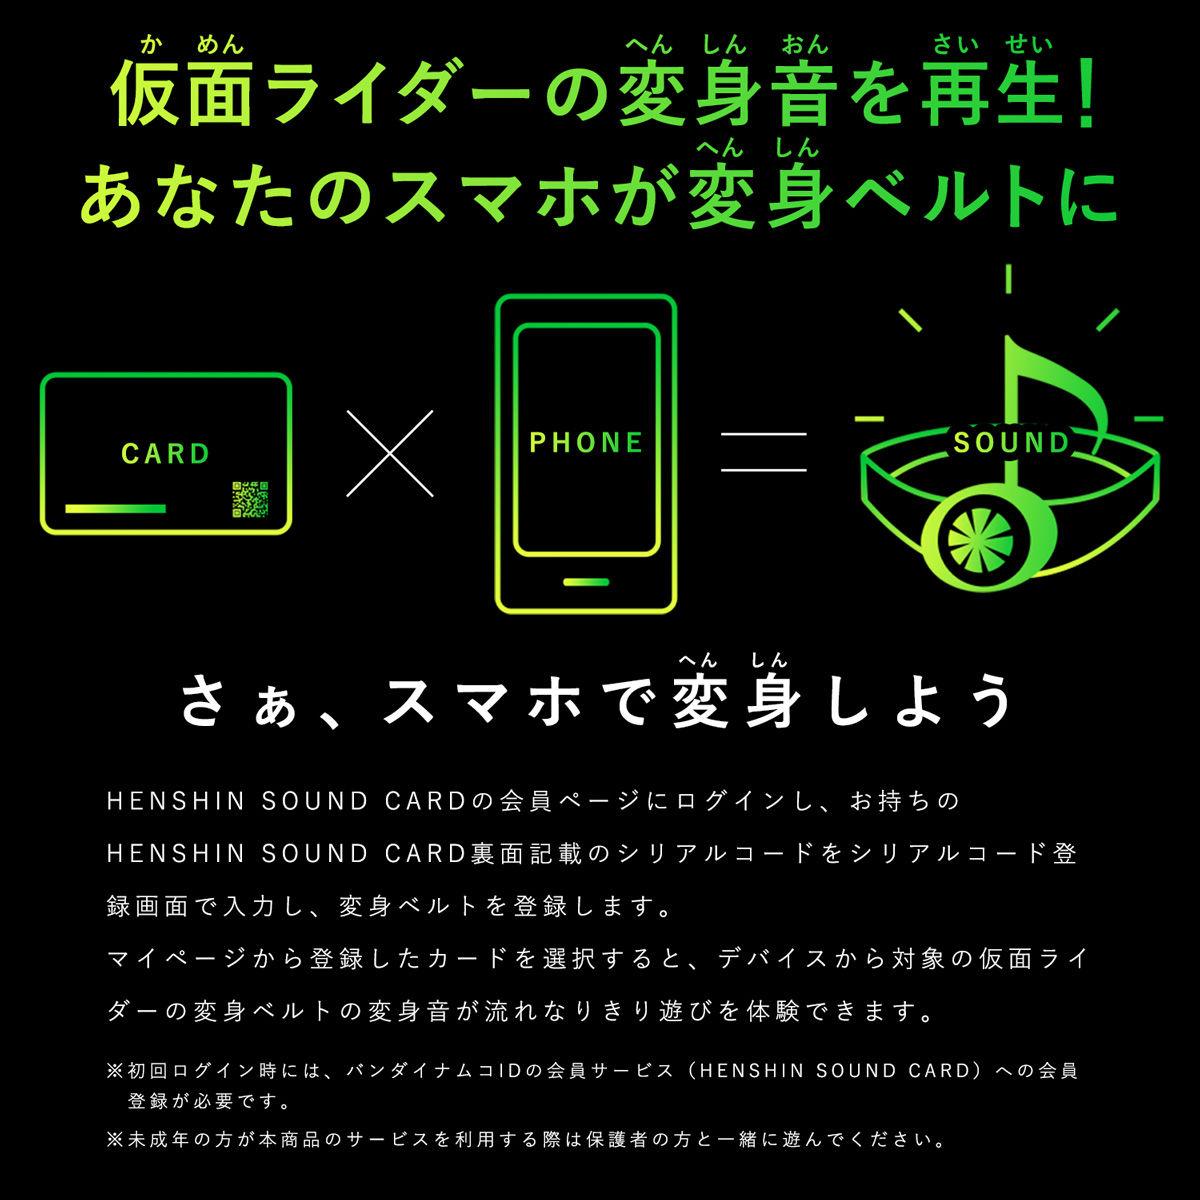 変身サウンドカードセレクション 仮面ライダーオーズ タトバ コンボ